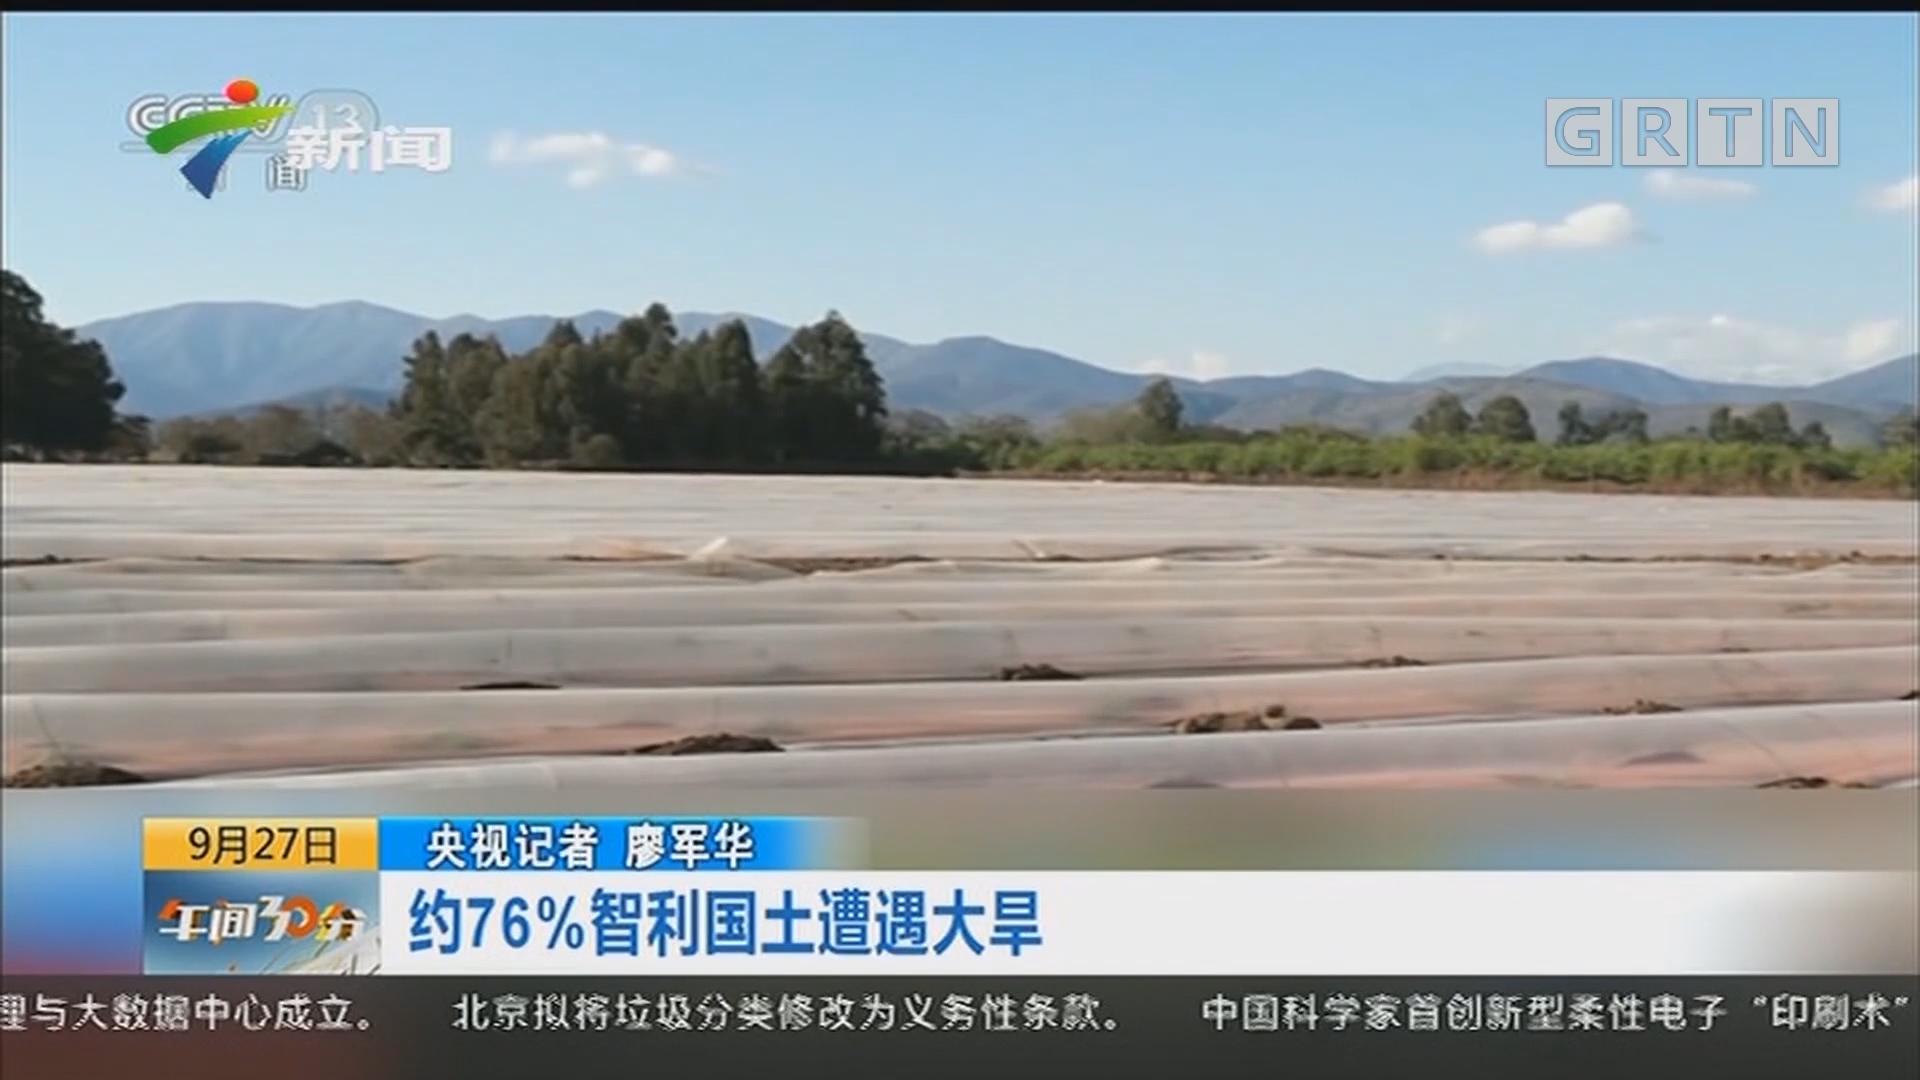 智利:约76%智利国土遭遇大旱